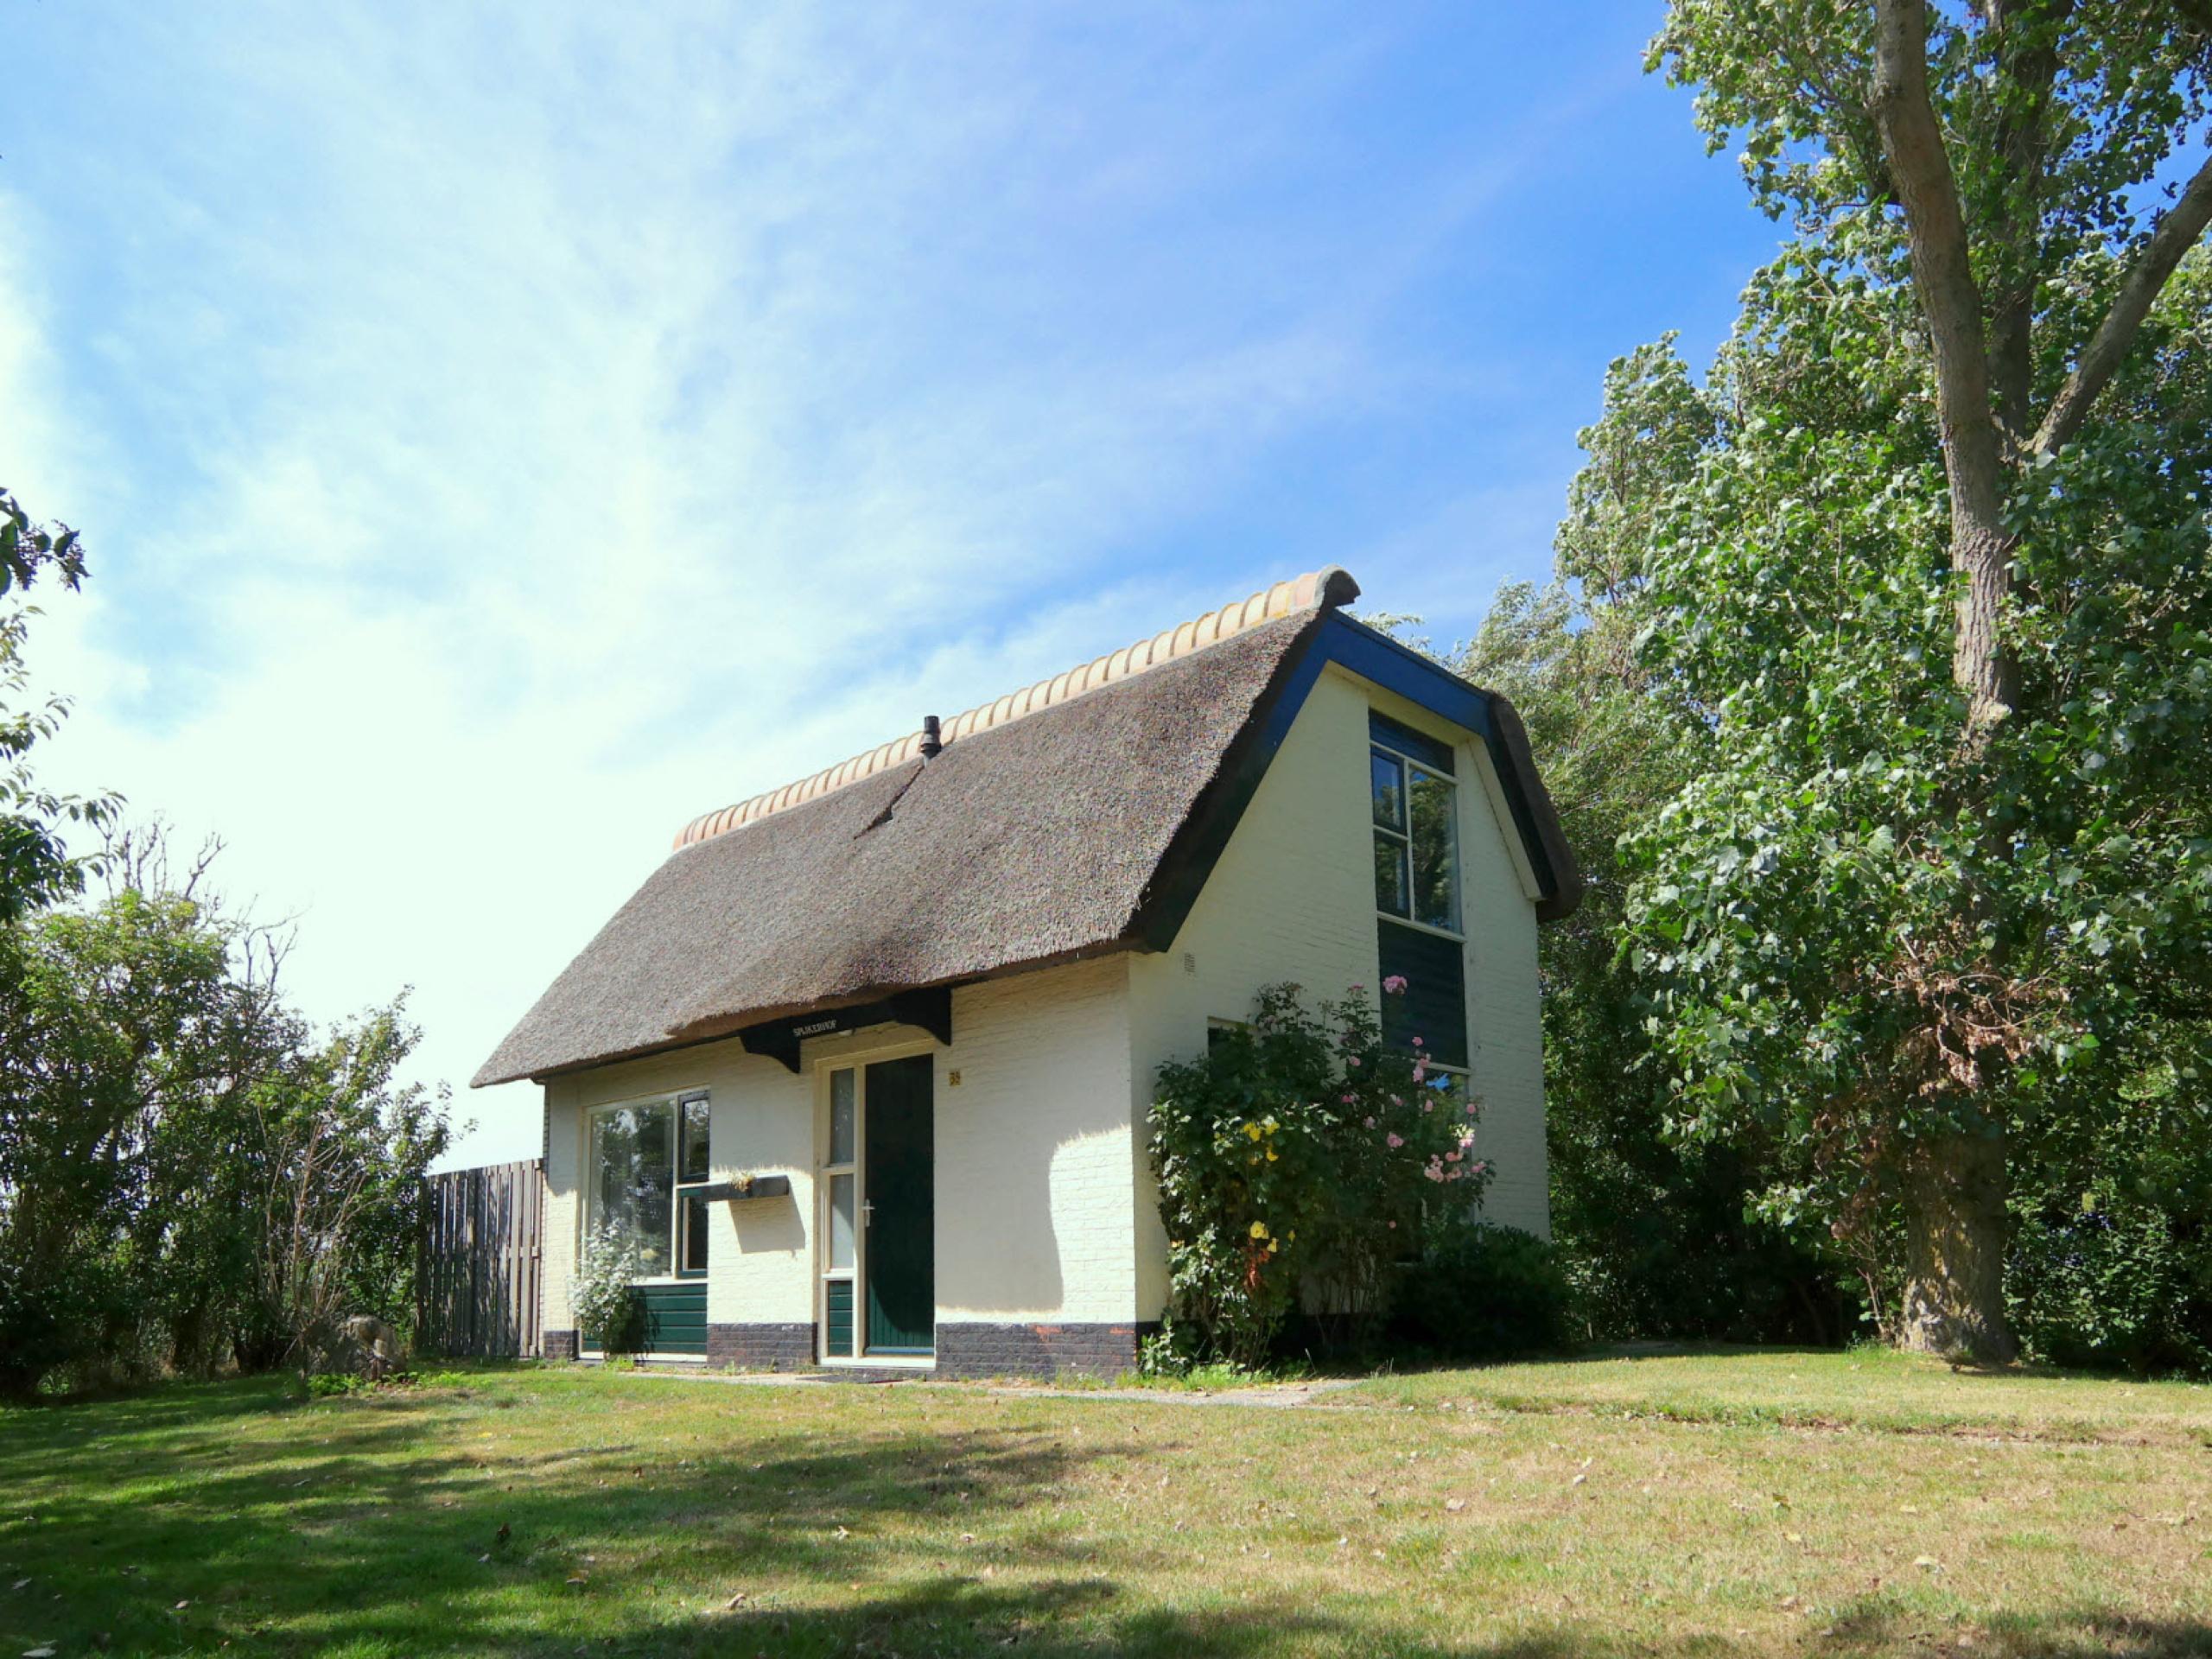 Vrijstaand vakantiehuis landelijk gelegen met weids uitzicht dichtbij Den Hoorn